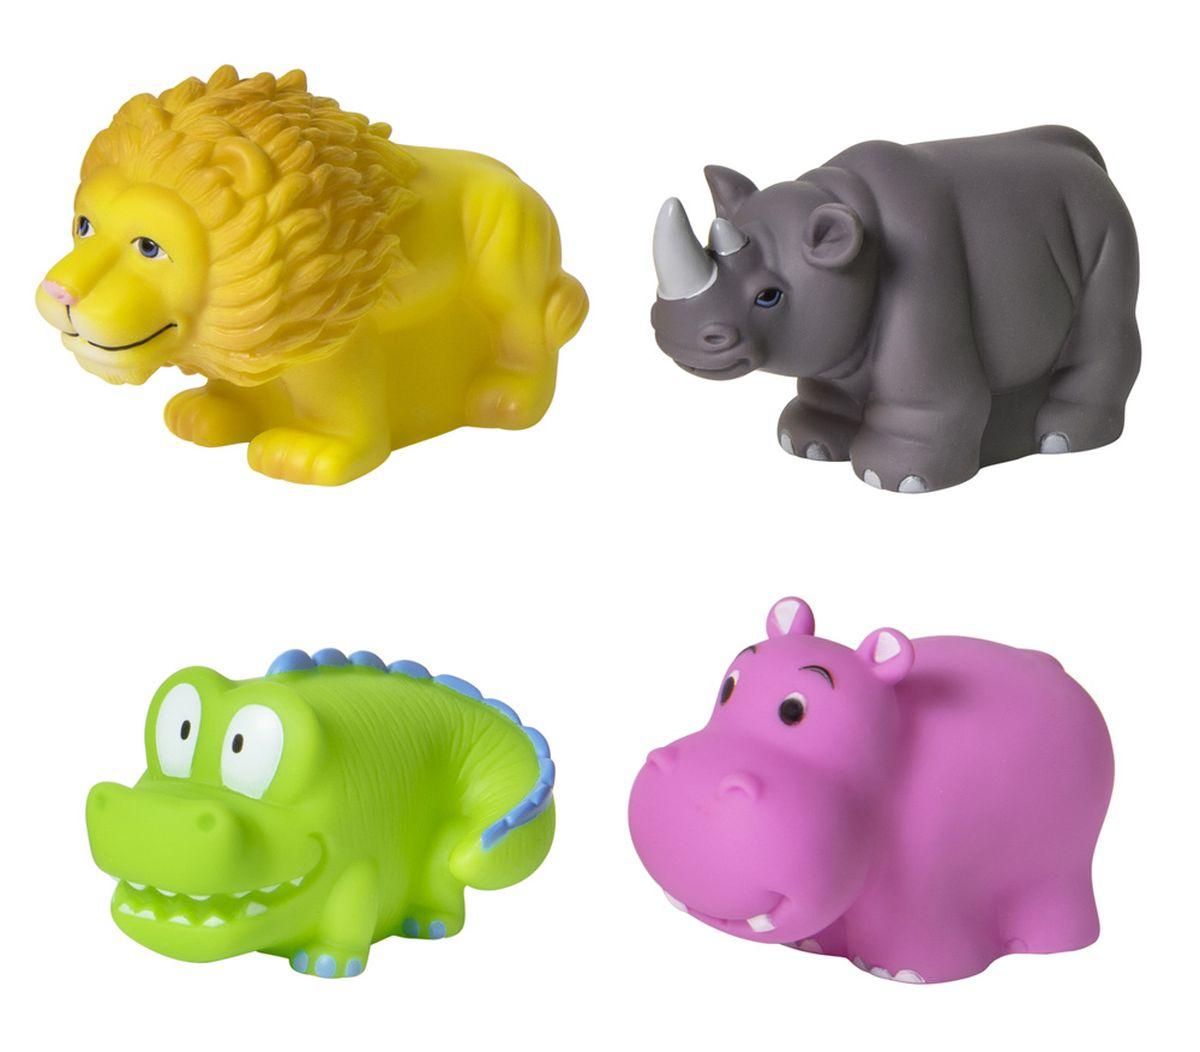 Курносики Набор игрушек для ванной Африка 4 шт средство для чистки барабанов стиральных машин nagara 5 х 4 5 г